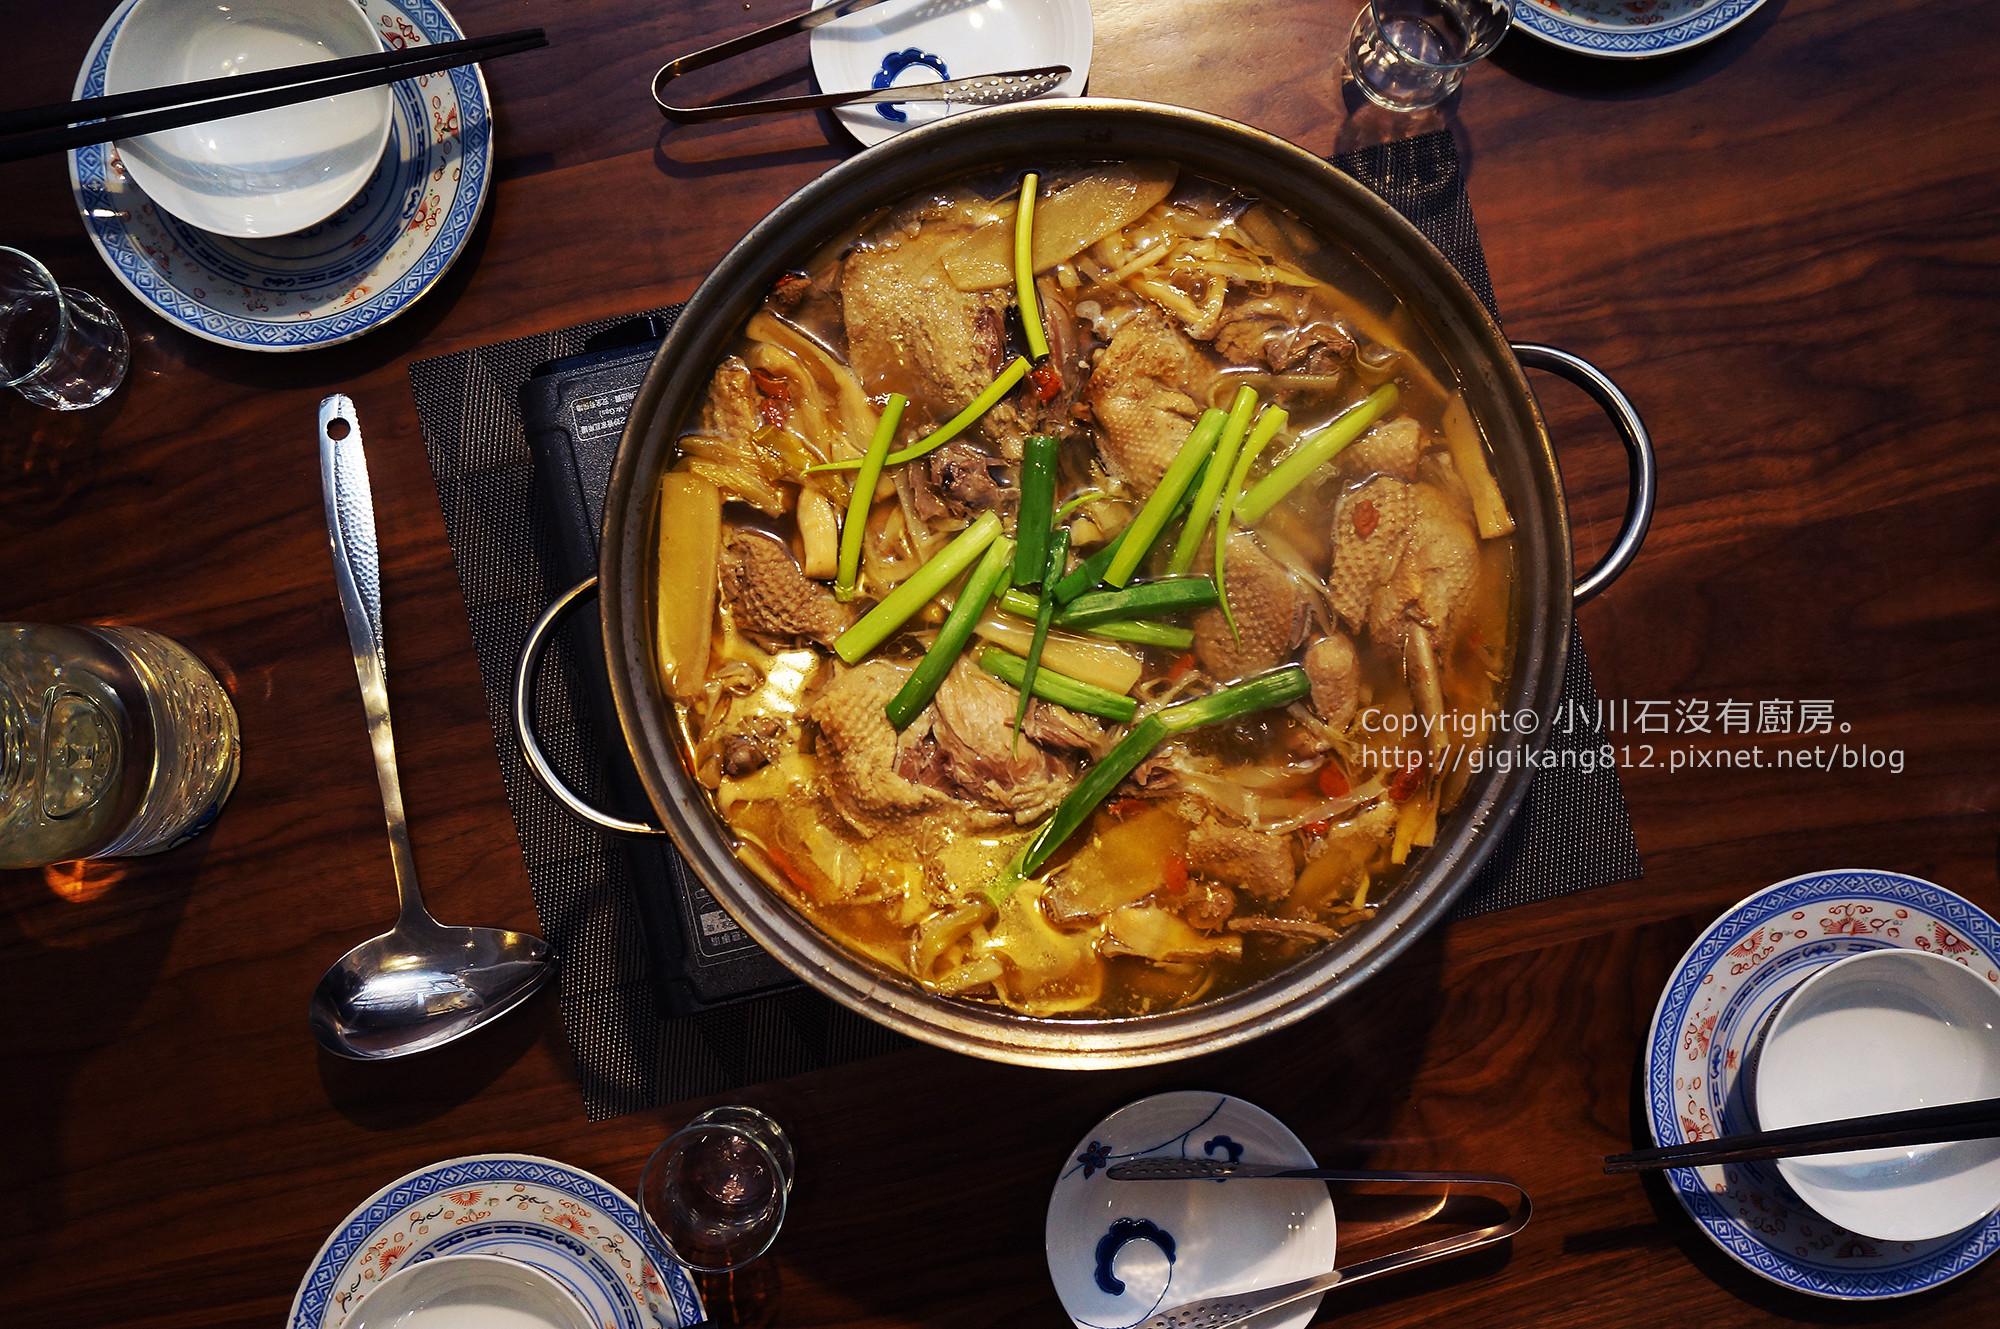 杭州名菜-老鴨煲